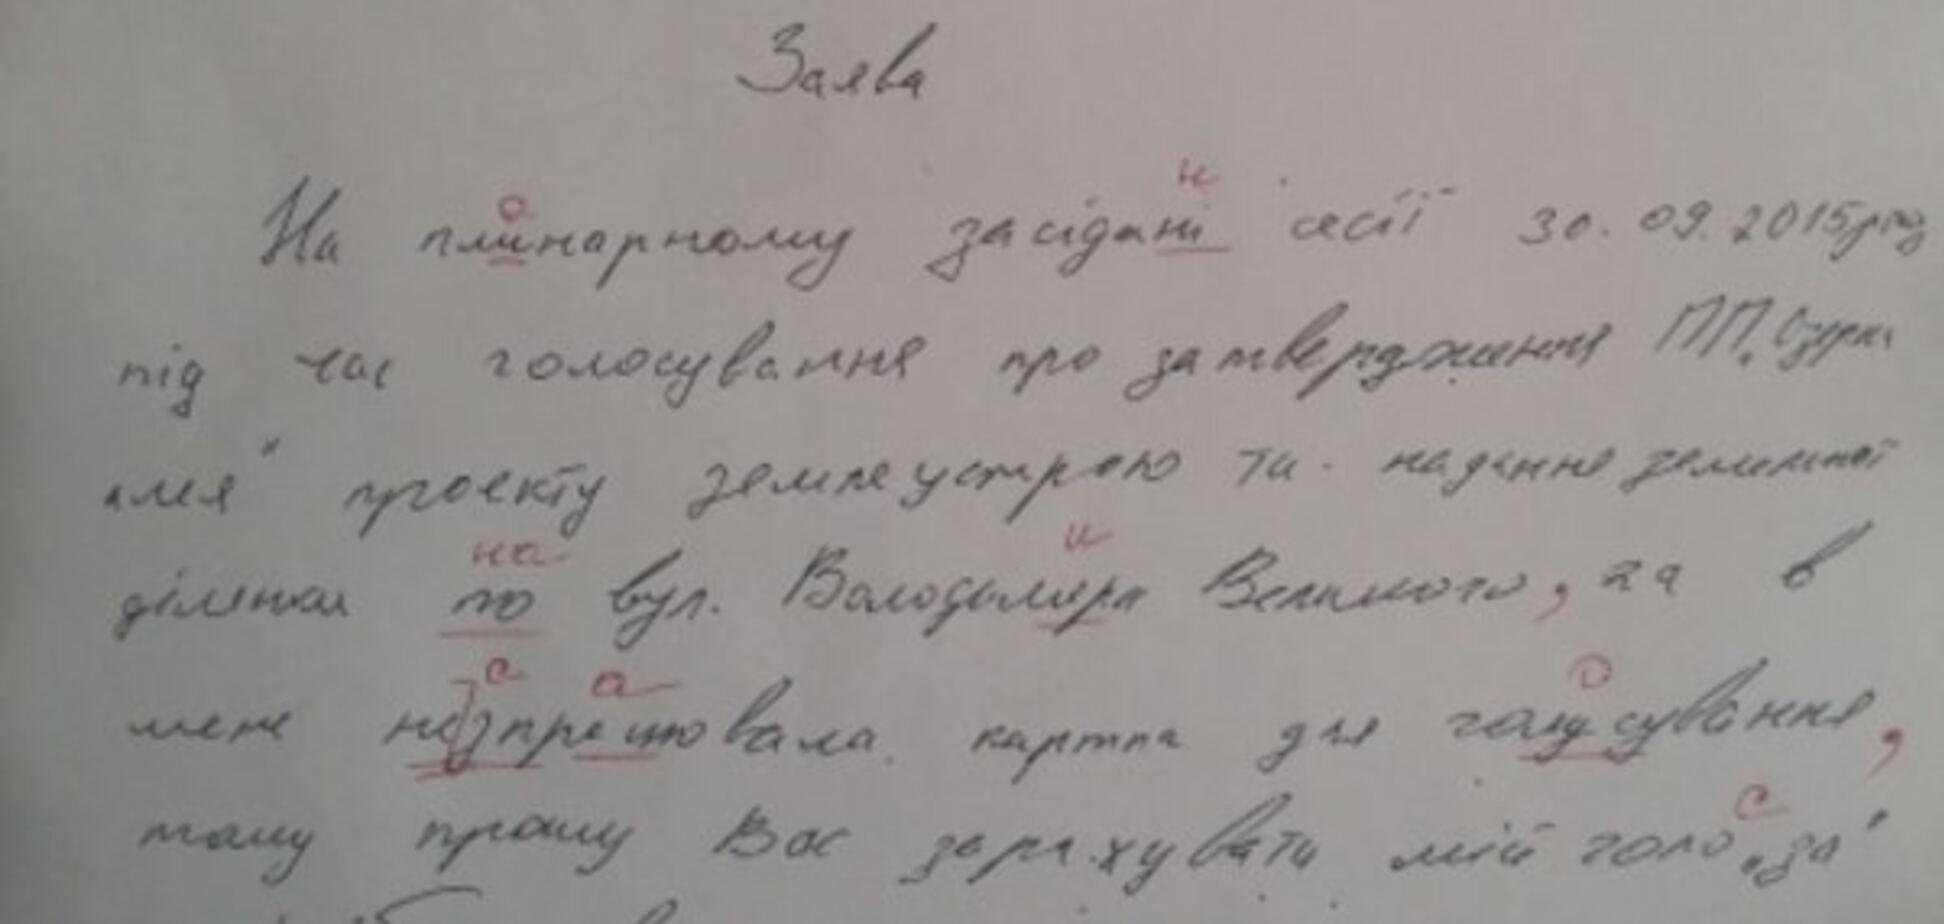 Здивував знаннями: у Львові депутат зробив 16 помилок у заяві. Фотофакт